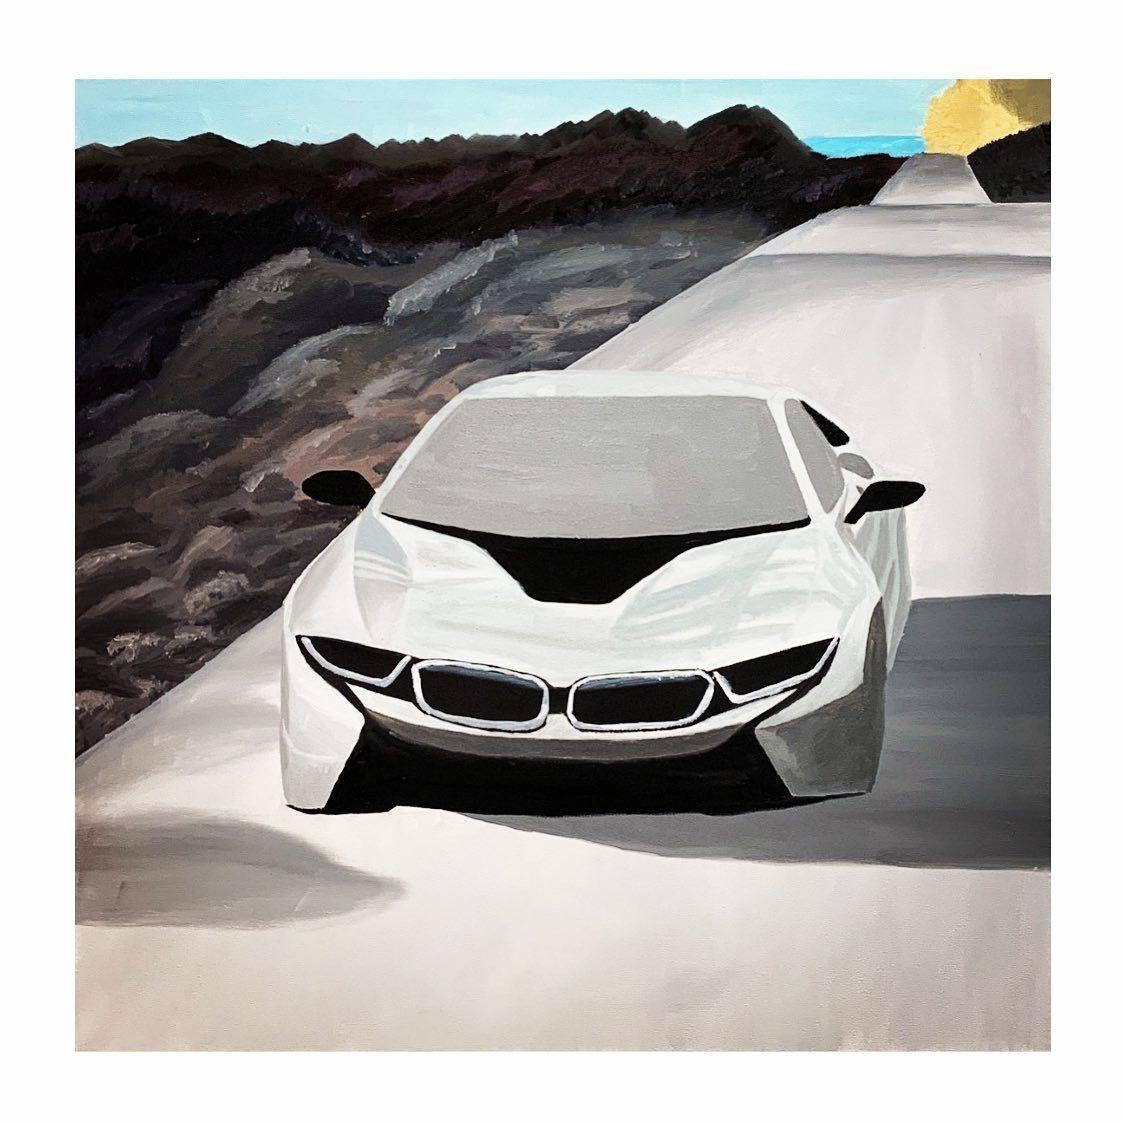 Es ist noch ein weiter Weg bis zur Vollendung des Bildes, aber ich bin auf einem guten Weg und der Gewinner des Bildes @max_28.05_ , darf sich auf ein Legendäres Bild freuen 😃 Alle anderen natürlich auch 😄 #bmw #bmwm #bmwdrawing #oilpainting #oil #firsttime #legend #electriccar #car #cardraw #drawings #art #artist #myart #artwork #illustration #color #colour #colorful #painting #sketch #pencil #beautiful